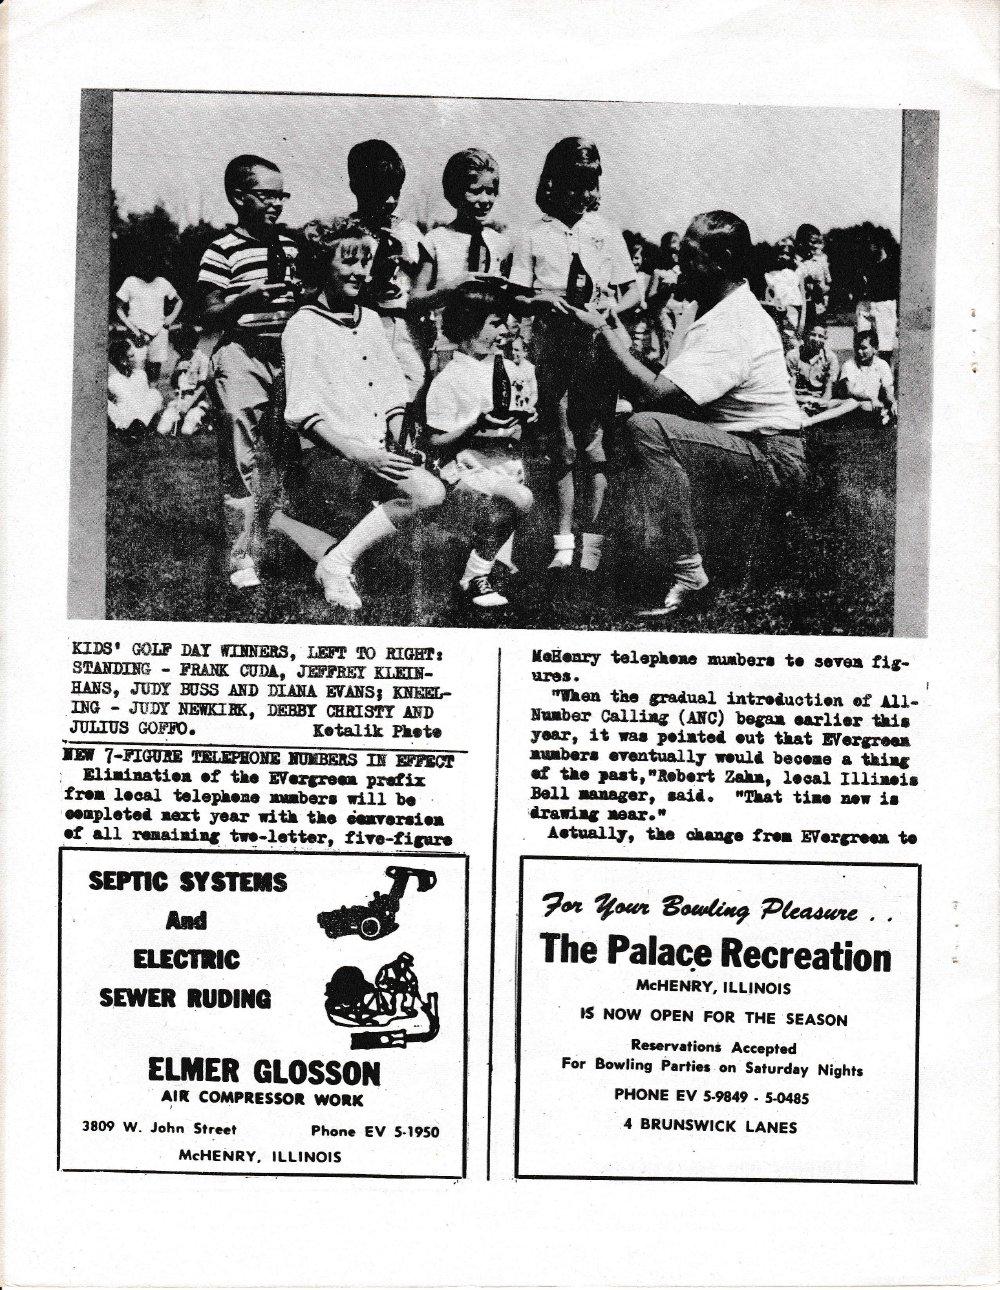 The Pictorial Newsletter: September 13, 1961